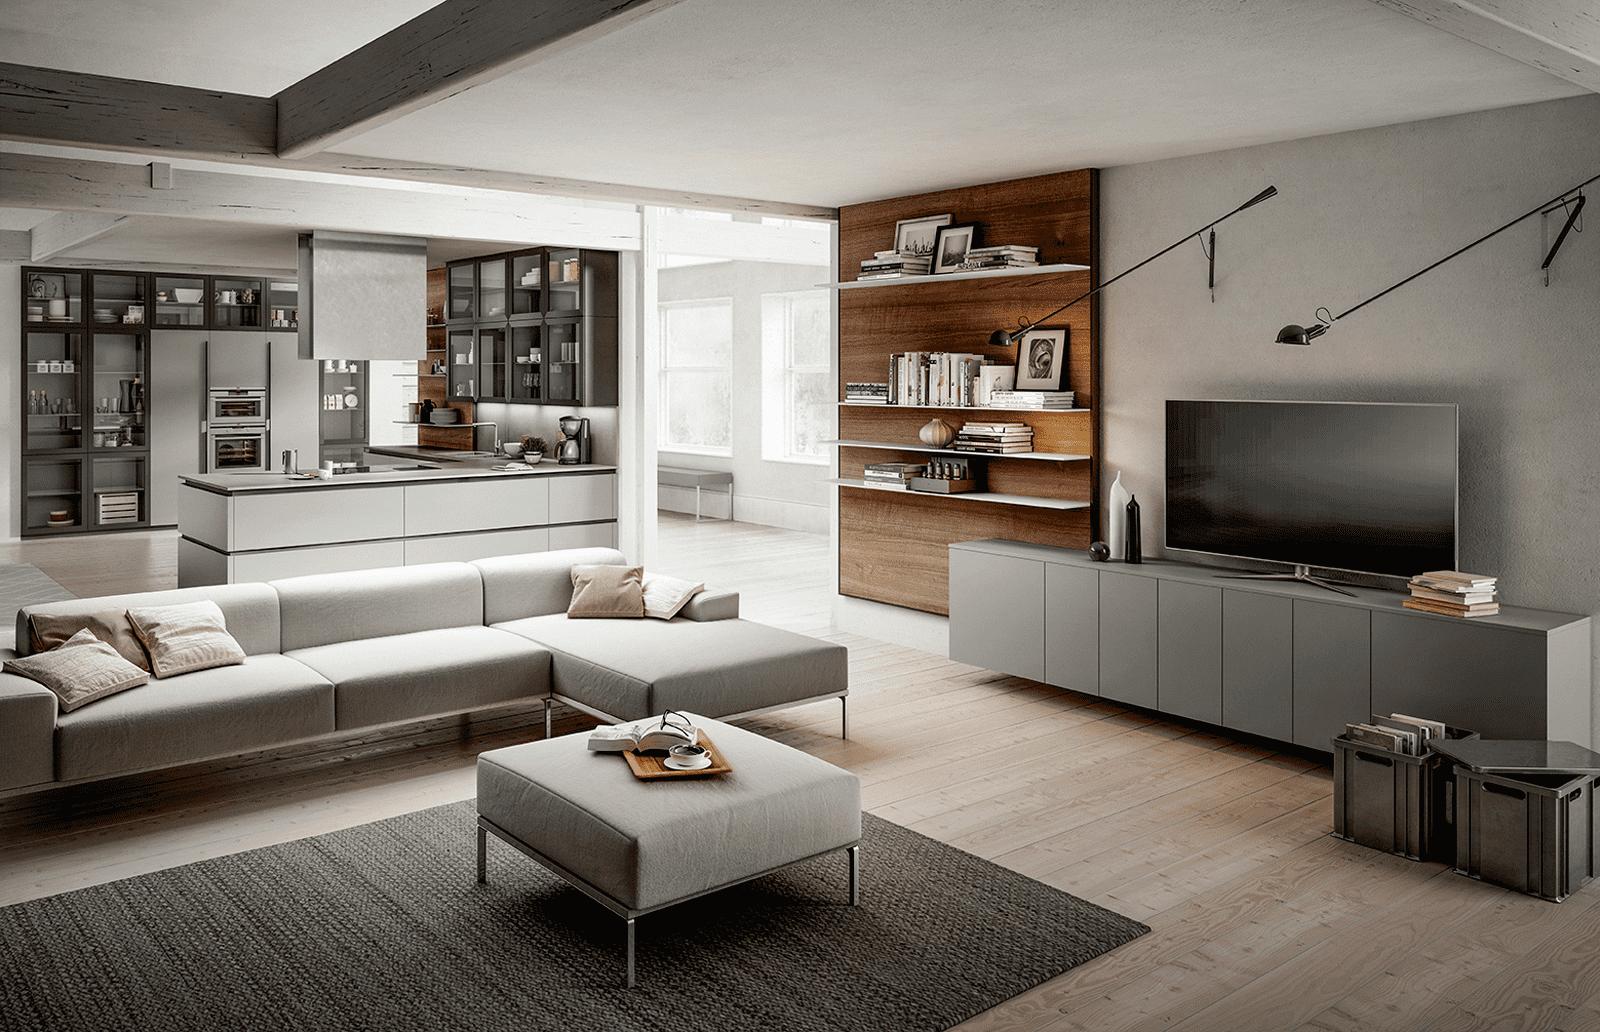 Arredamenti Interni Case Moderne progetti: 3 modi di vivere la cucina. open space